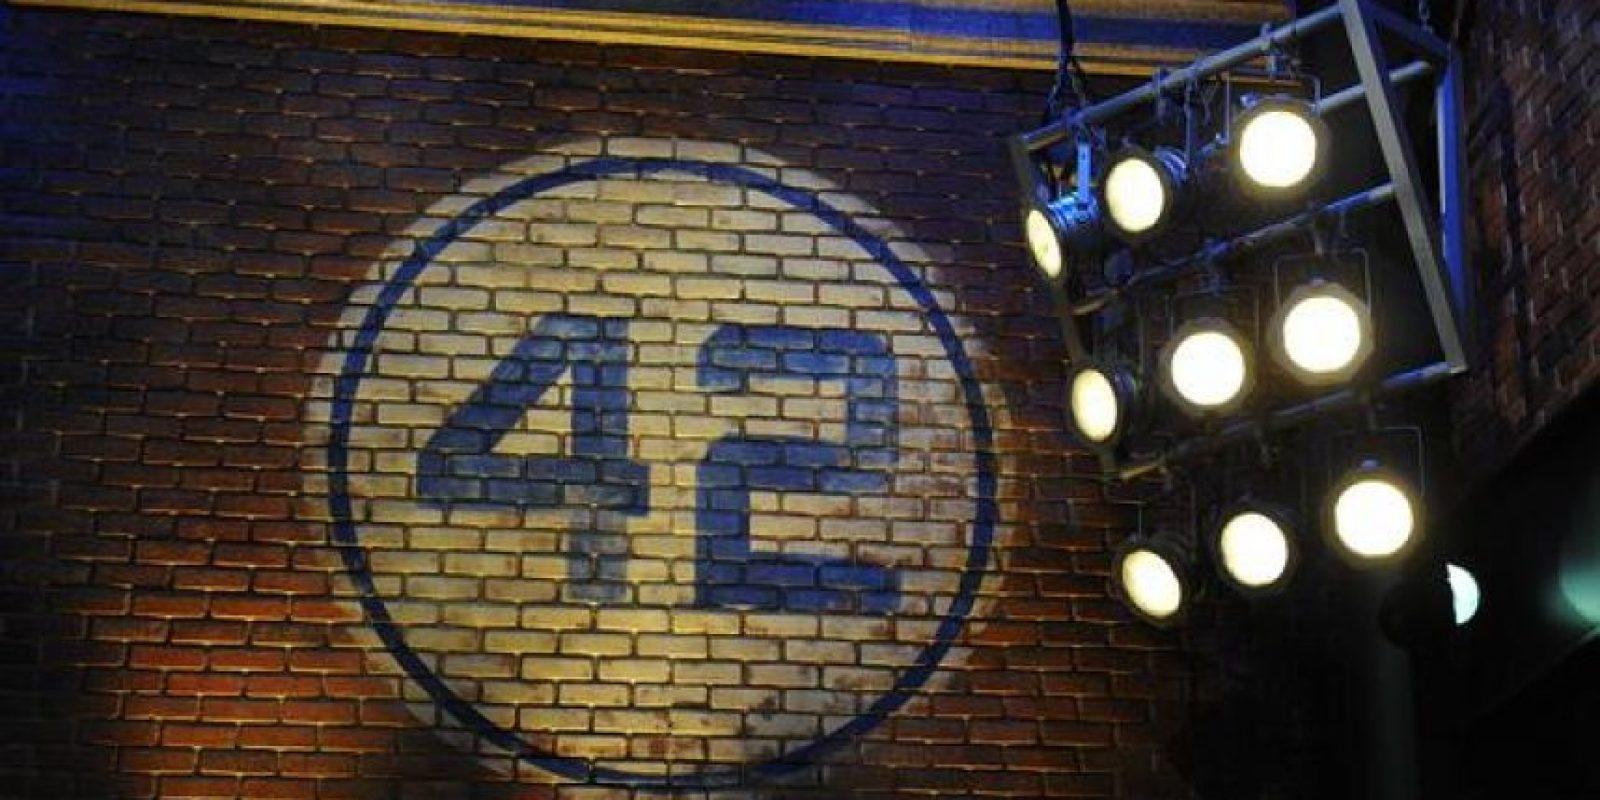 """Cada 15 de abril, la MLB celebra el """"Día de Jackie Robinson"""", en el cual se hacen grandes homenajes al fallecido beisbolista y todos los peloteros llevan en sus espaldas el número 42, el único dorsal retirado en las Grandes Ligas. Foto:Vía twitter.com/mlb"""